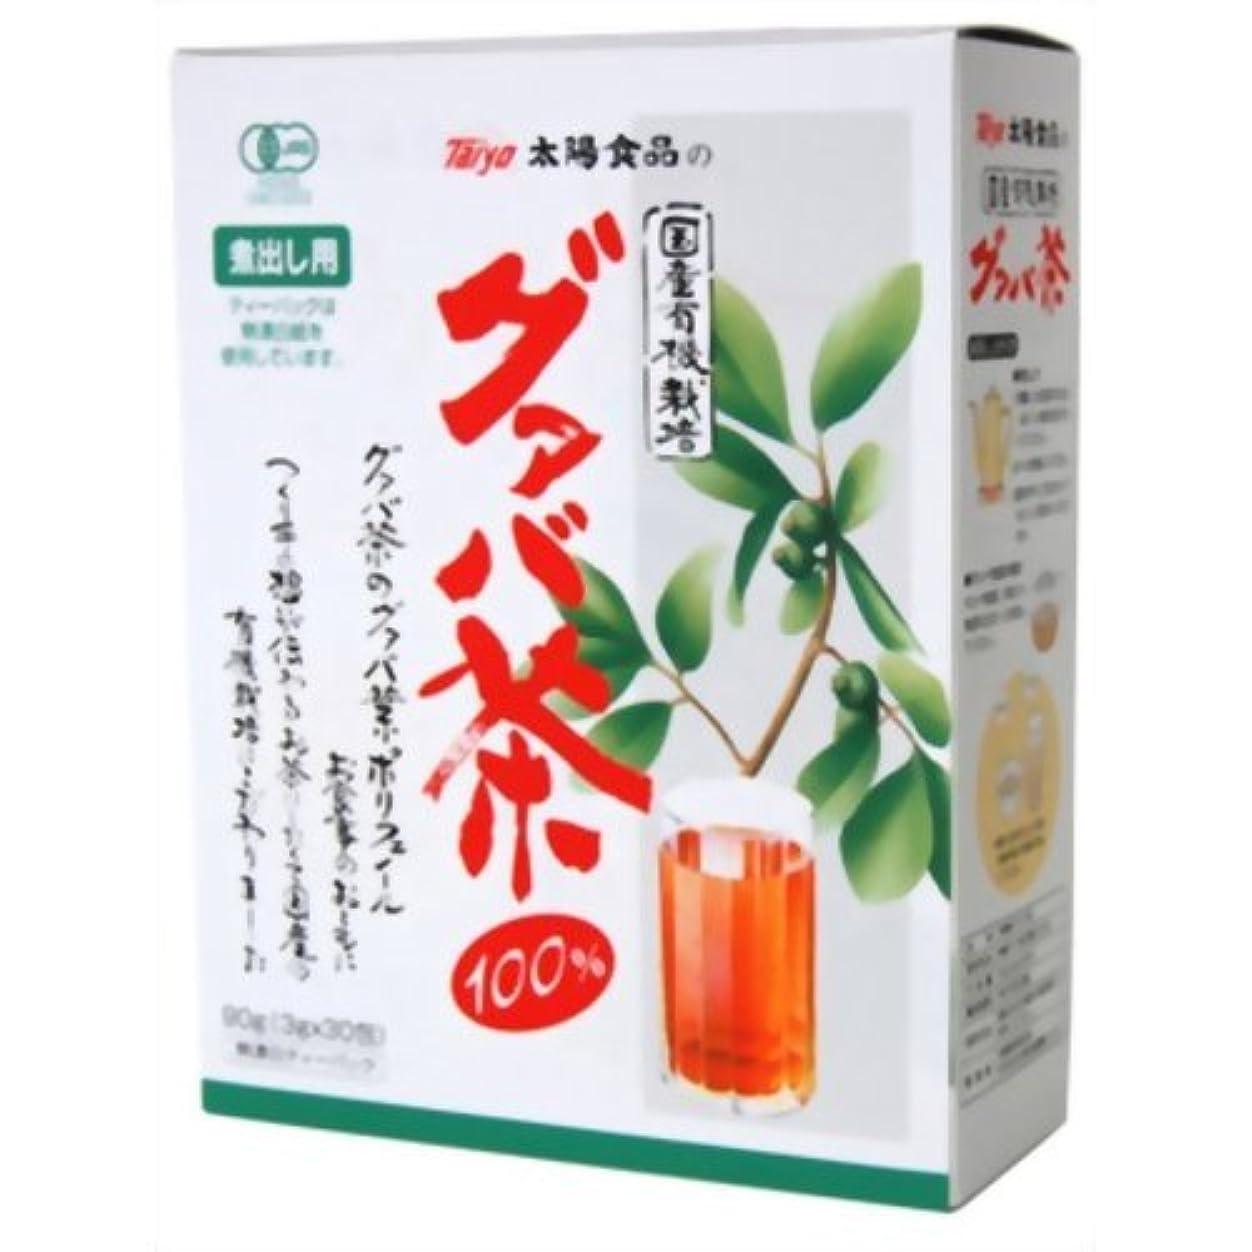 コーンさわやかデンプシー国産有機栽培グアバ茶 3gX30包